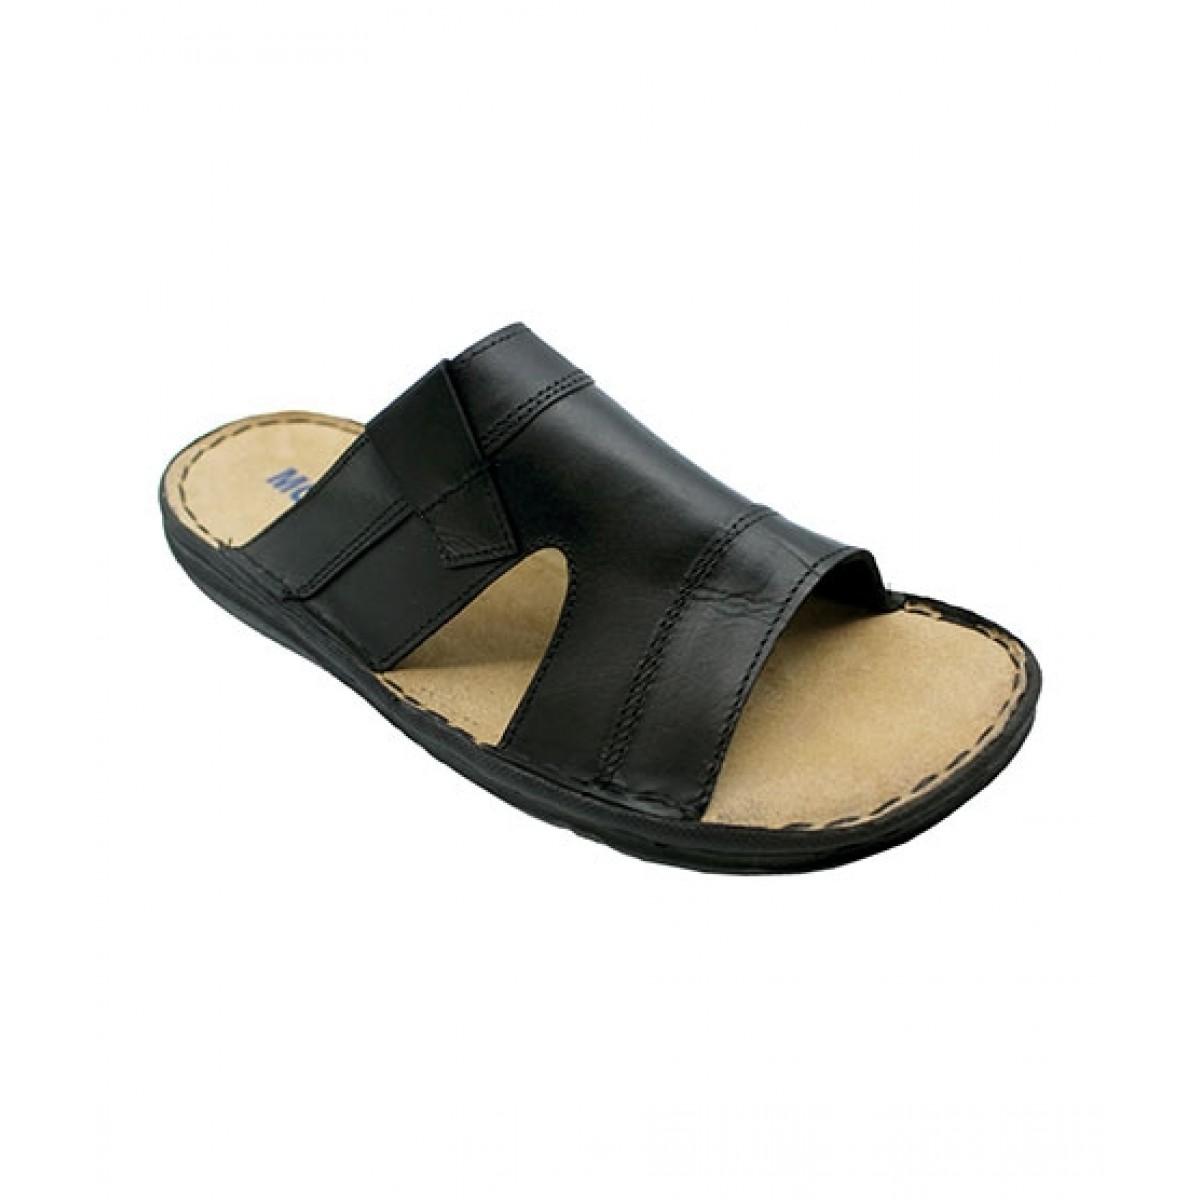 Mozax Casual Leather Slipper For Men Black (BK-243)